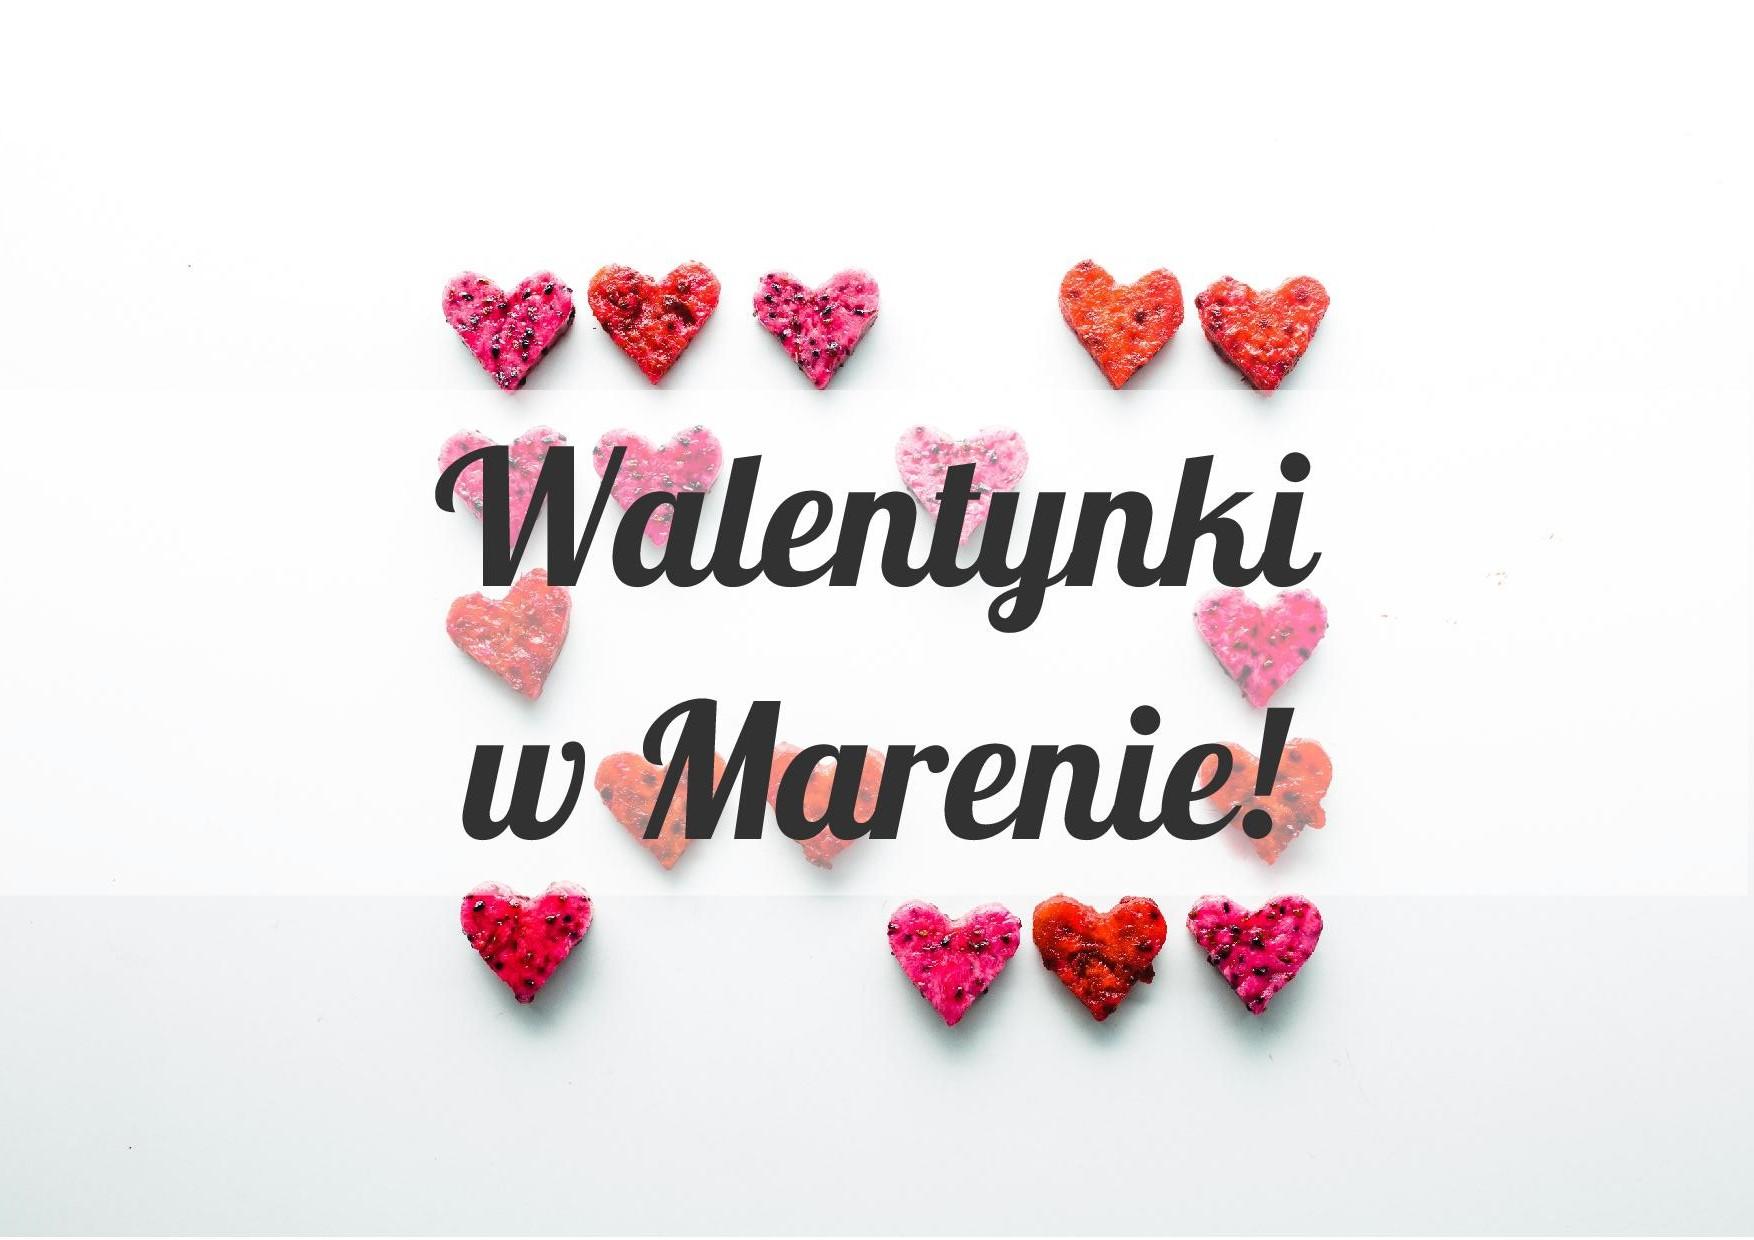 Walentynki w Marenie